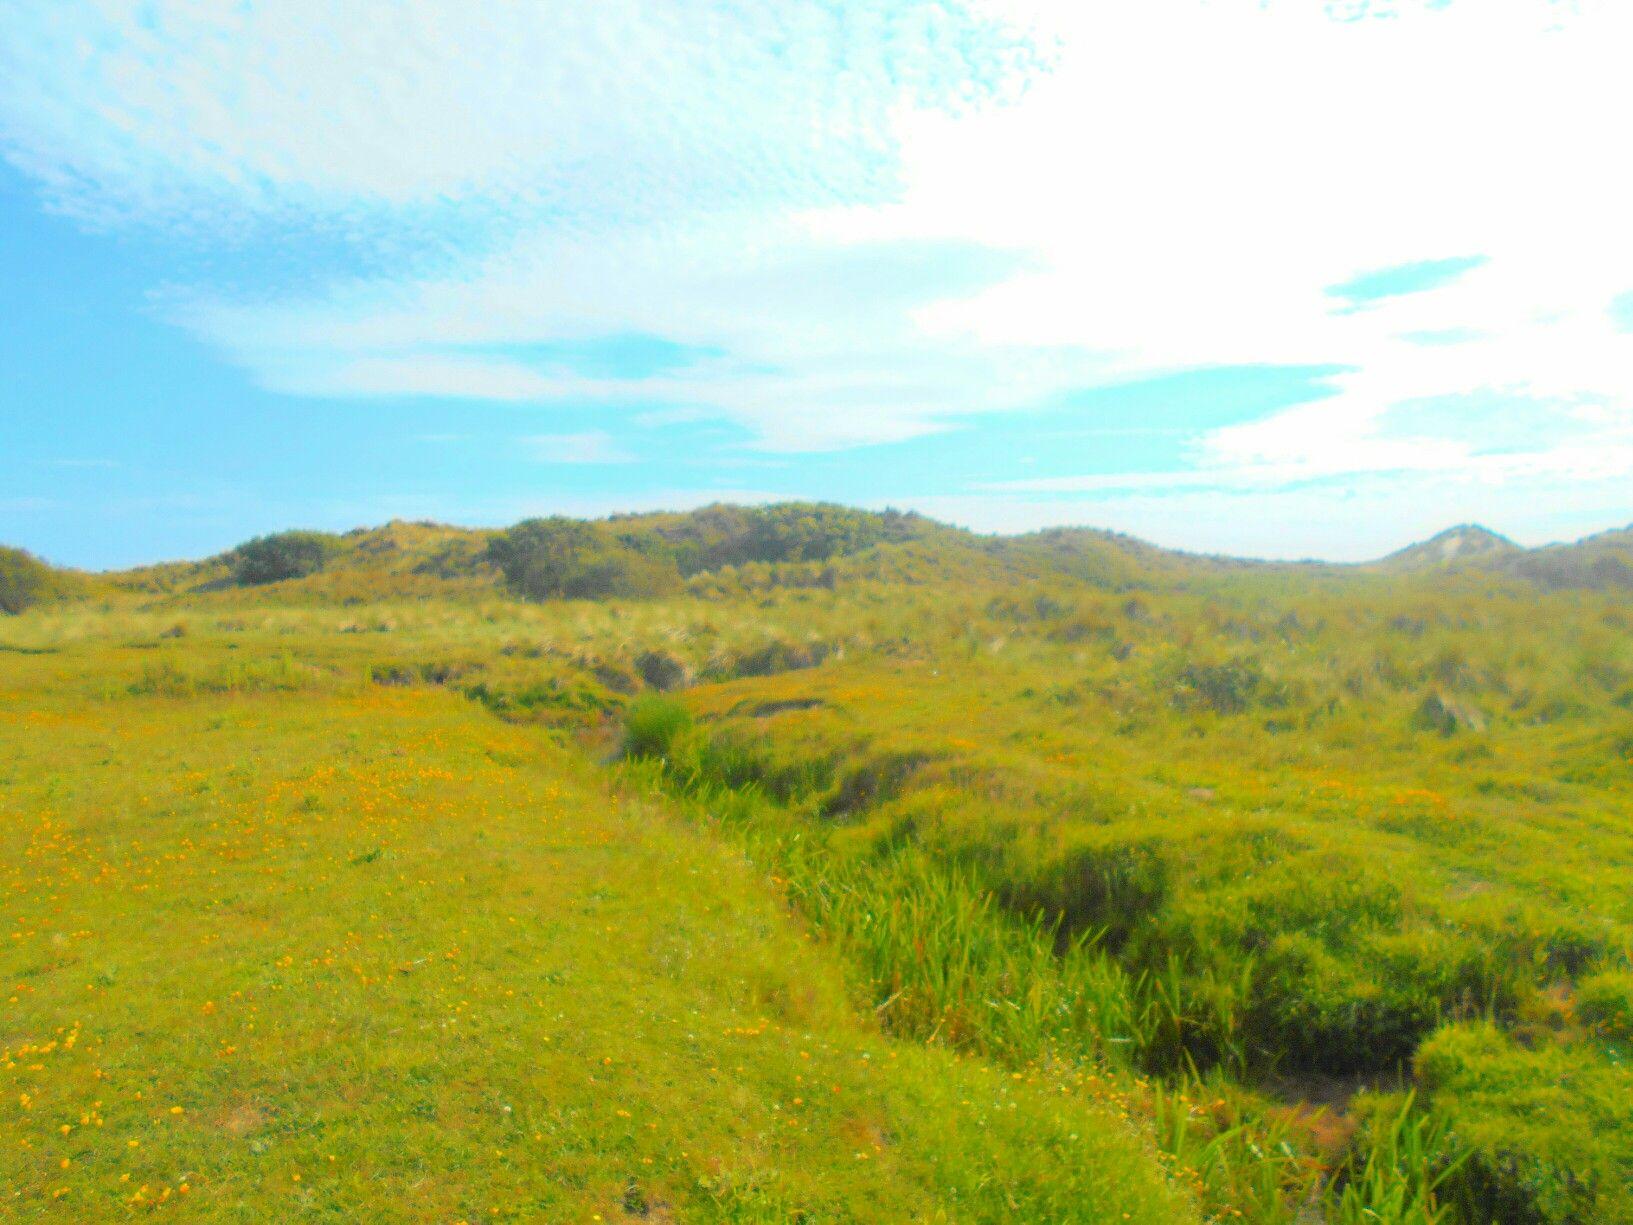 Dyffryn grass land Gwynedd Wales from Sarah Kay